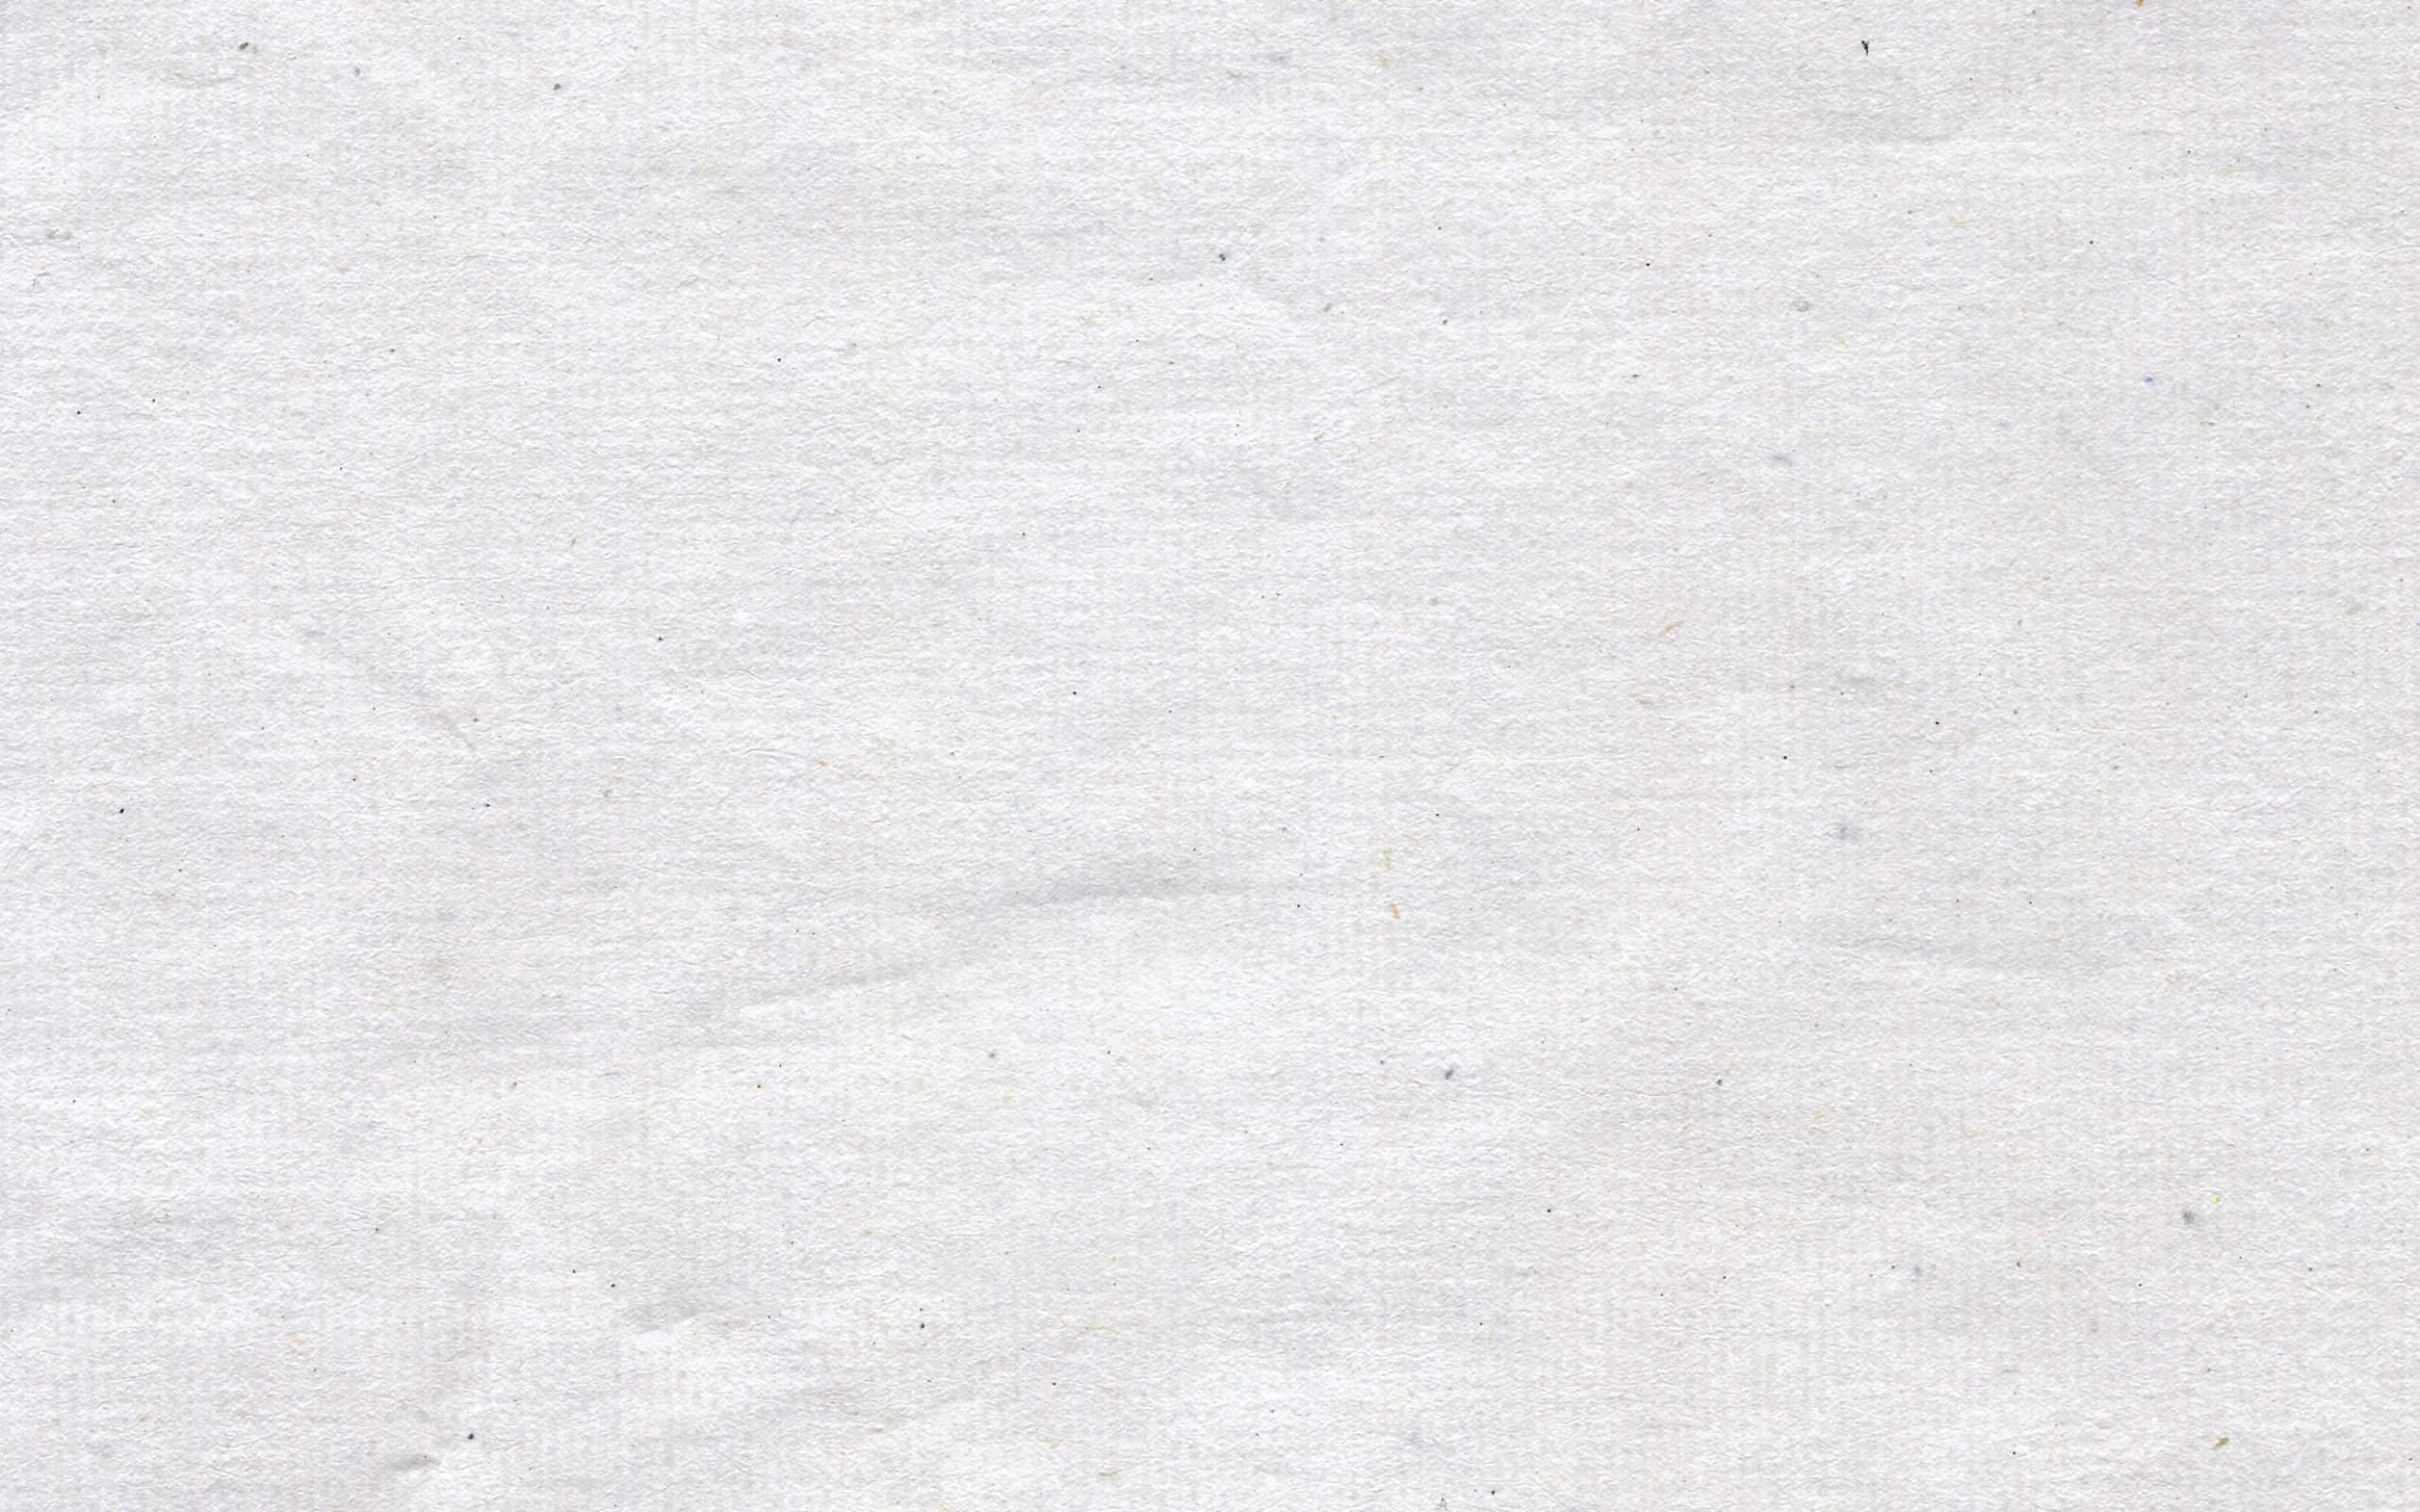 white background images - photo #33